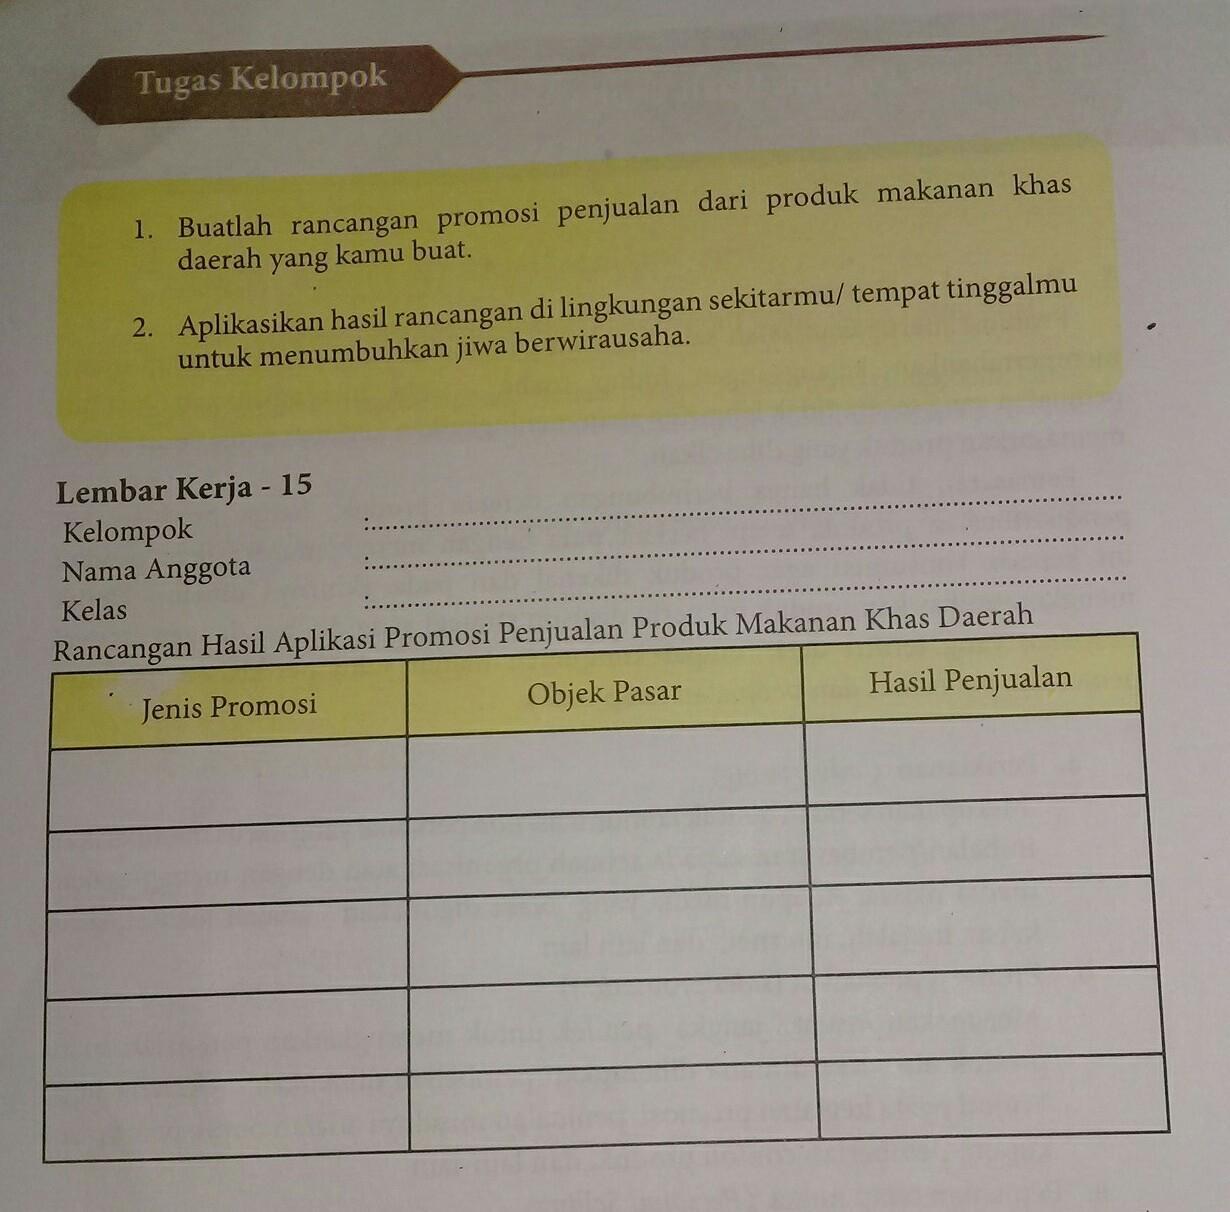 Prakarya Amp Kewirausahaanrancangan Hasil Aplikasi Promosi Penjualan Produk Makanan Khas Brainly Co Id